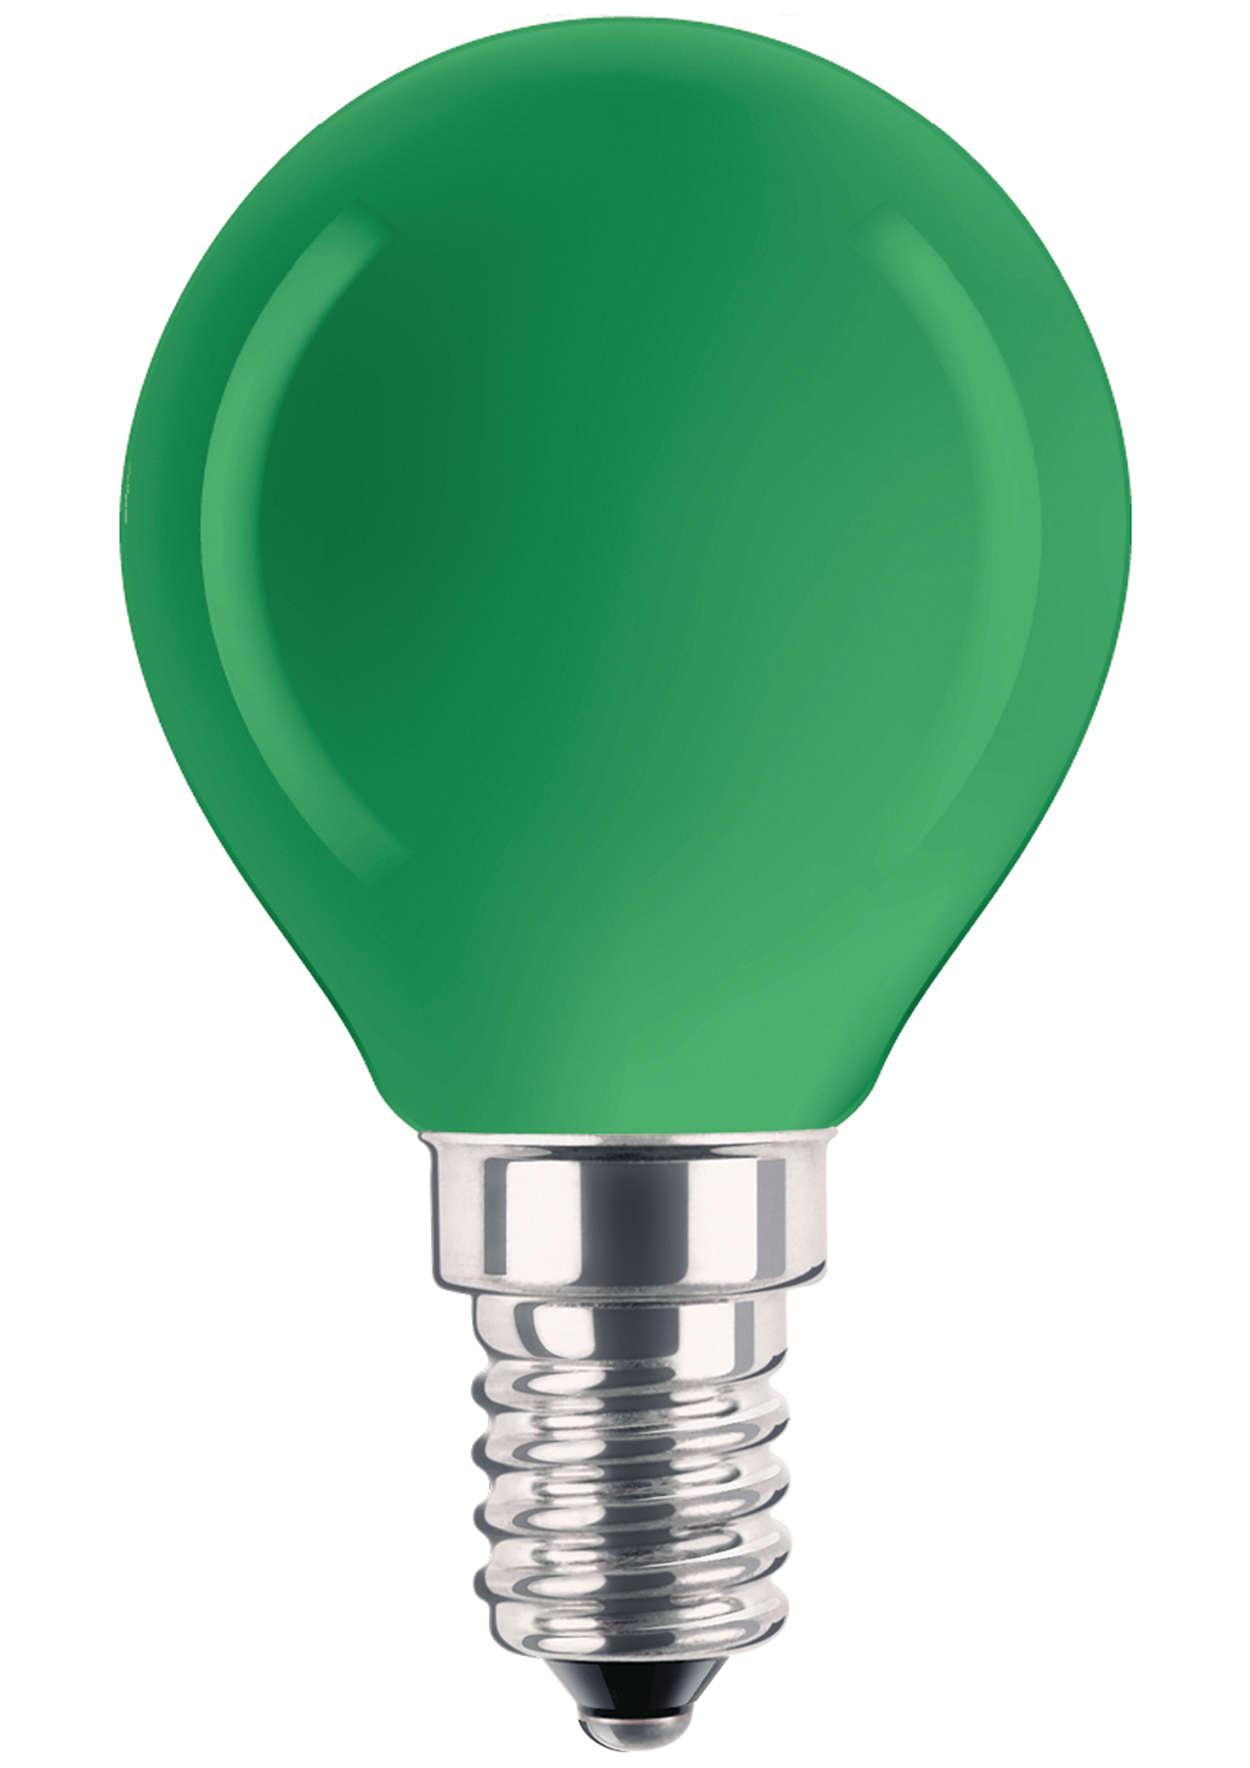 Päällystetty heijastinlamppu, useita eri värejä